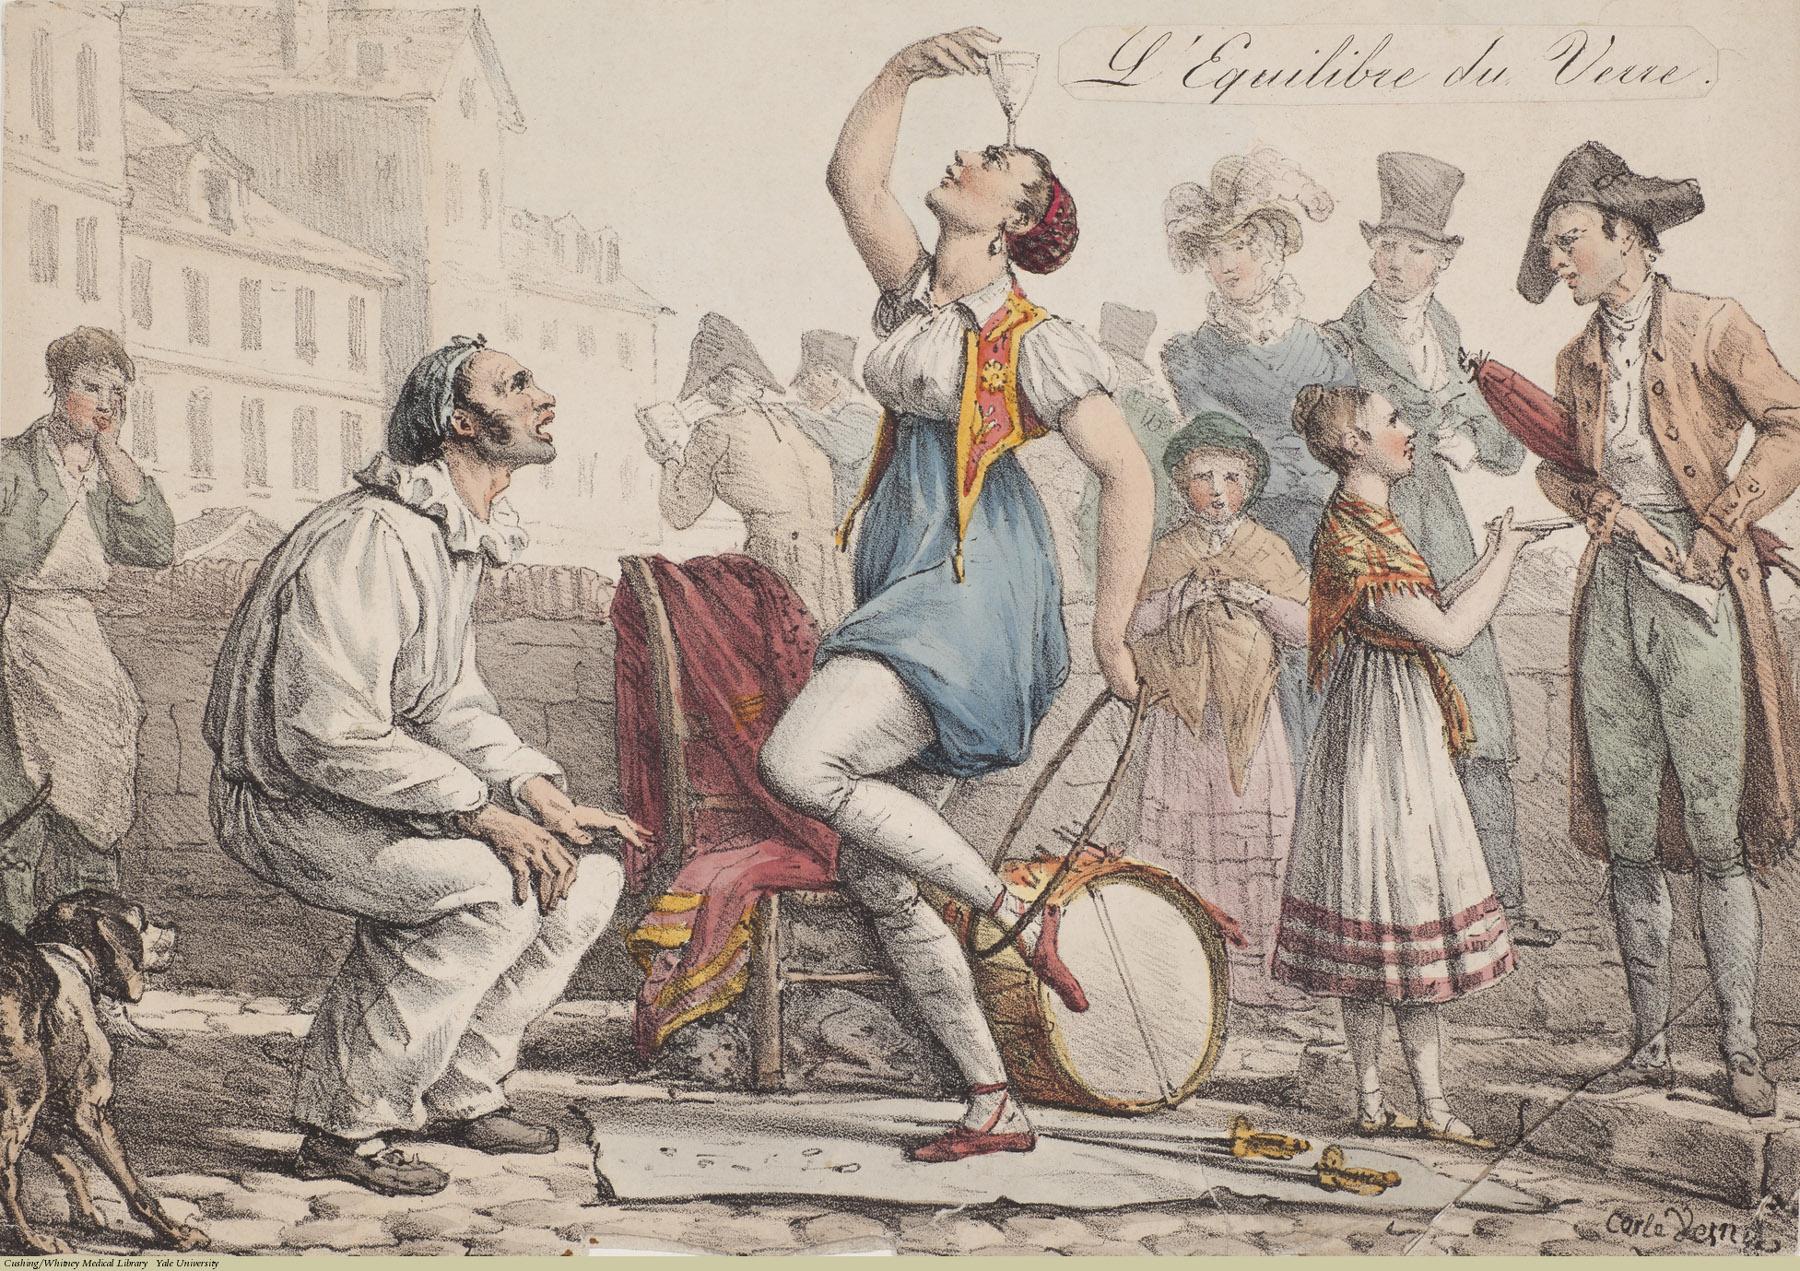 L'Equilibre du Verre. Carl Vernet, Lithograph coloured, 1823. Subject: Balance, Acrobatics.